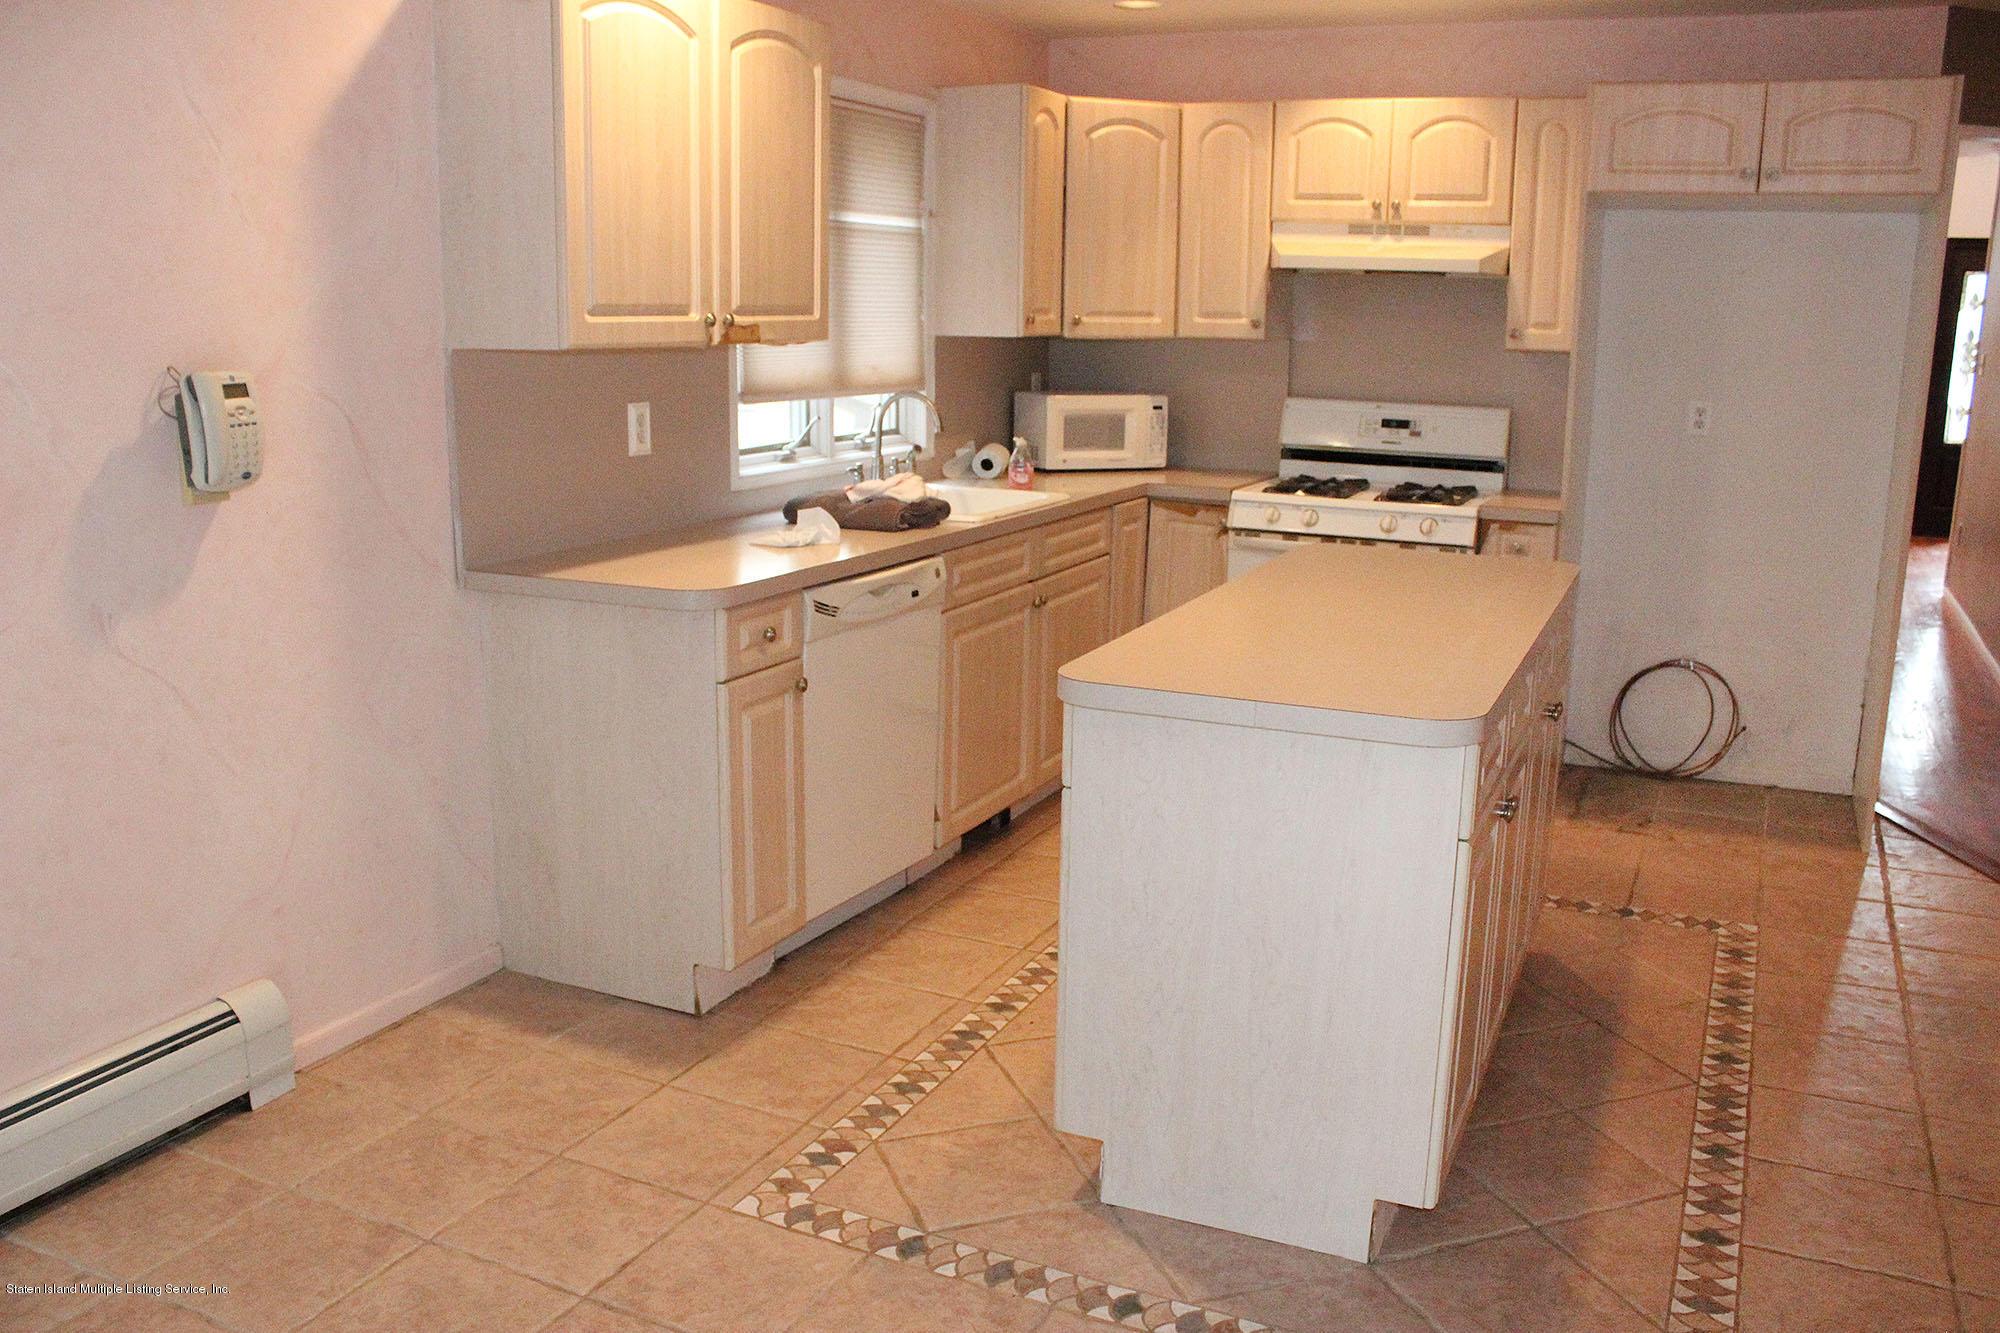 Single Family - Detached 64 Covington Circle  Staten Island, NY 10312, MLS-1130895-7